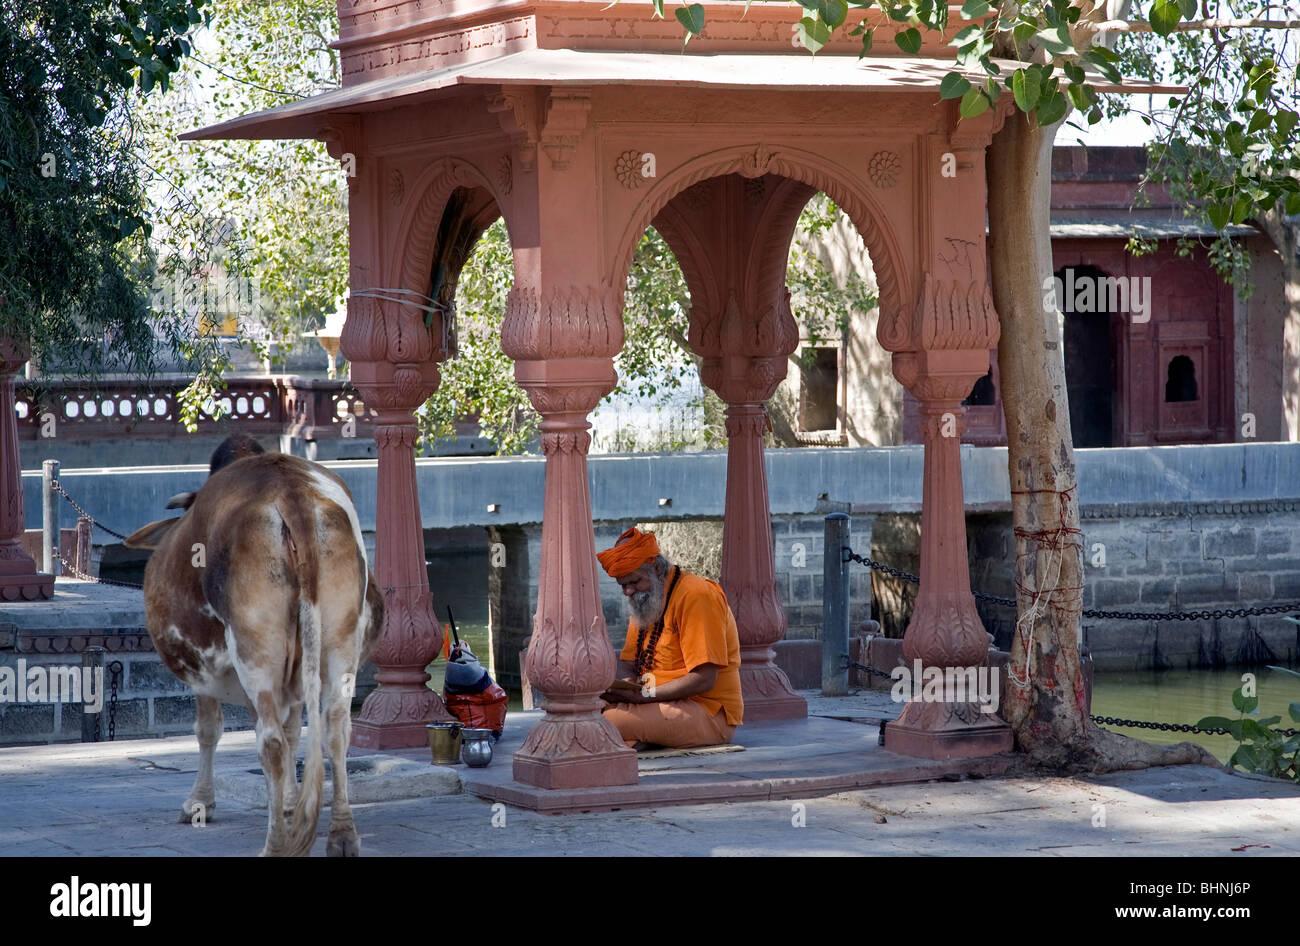 Sadhu and cow. Kolayat. Rajasthan. India - Stock Image